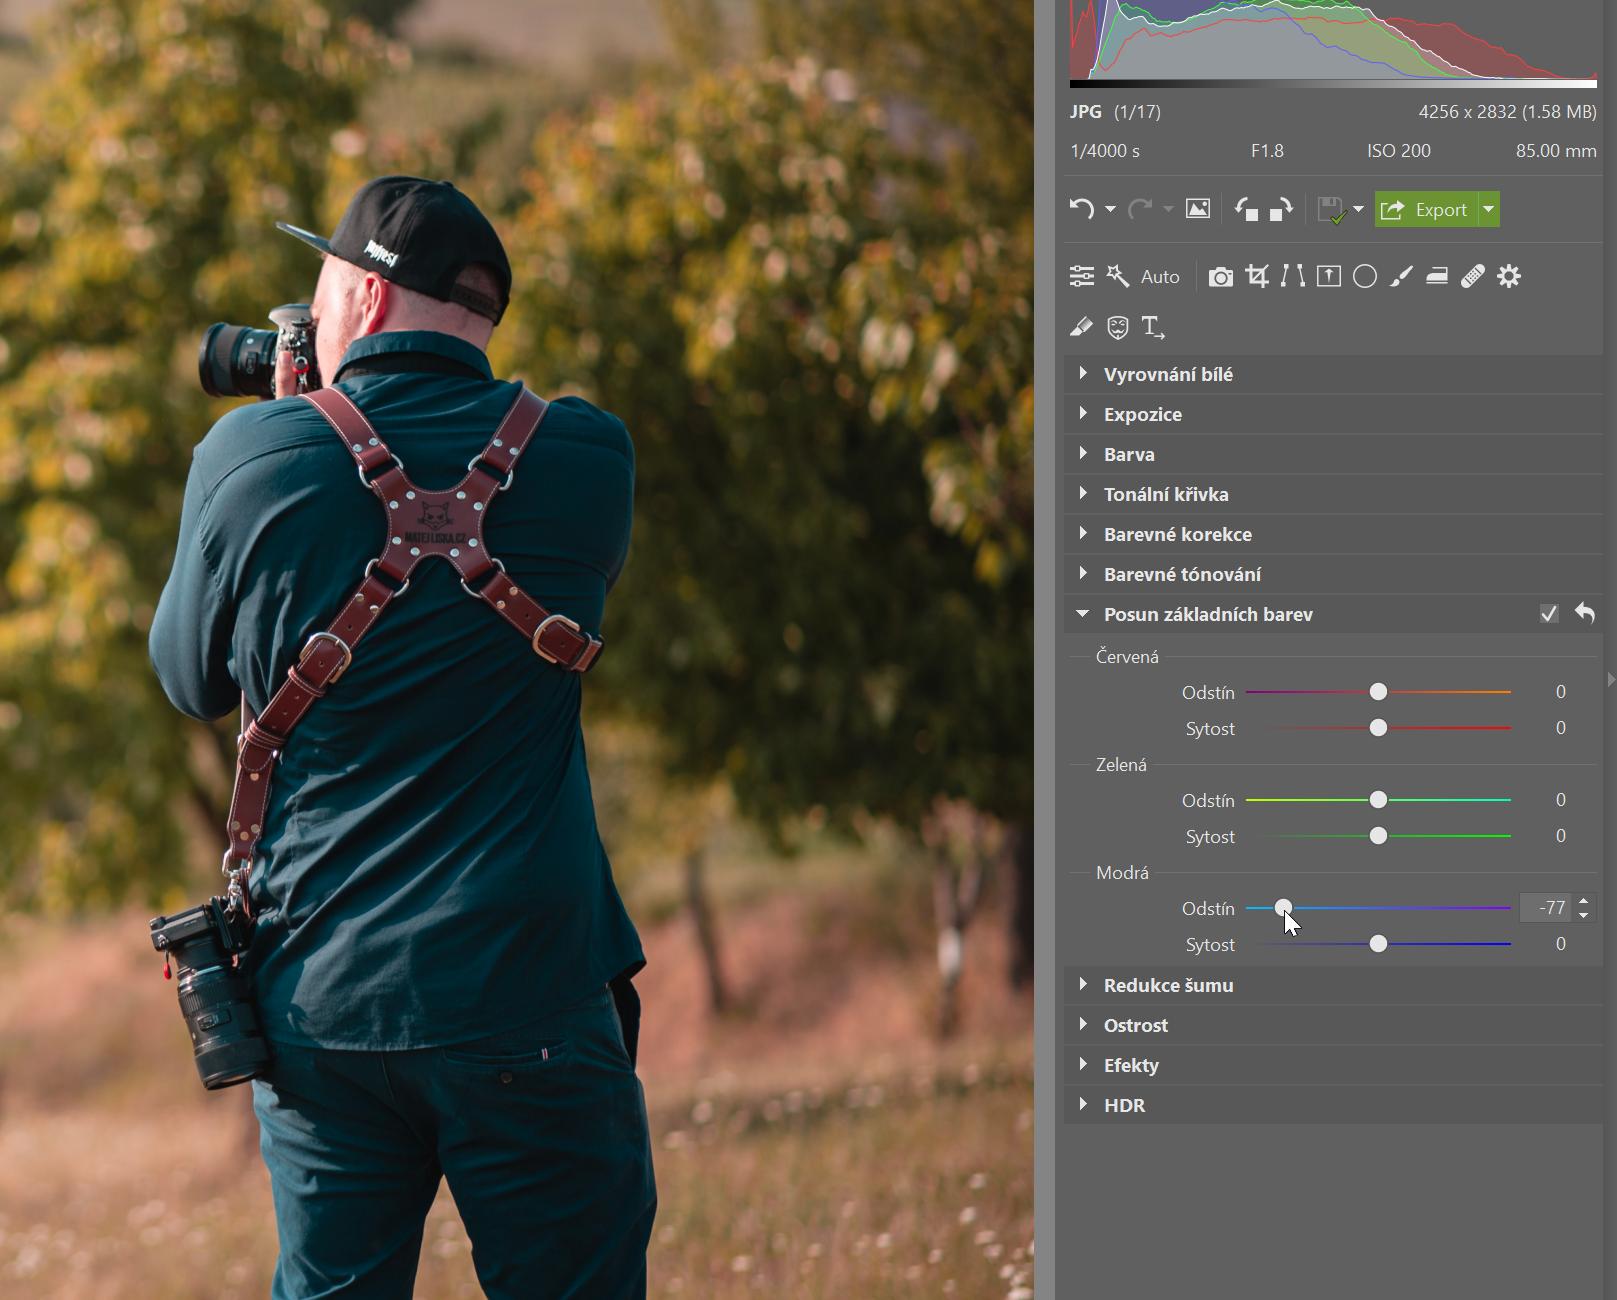 Posun základních barev: skvělý nástroj pro kreativní úpravy i jemné doladění barevnosti